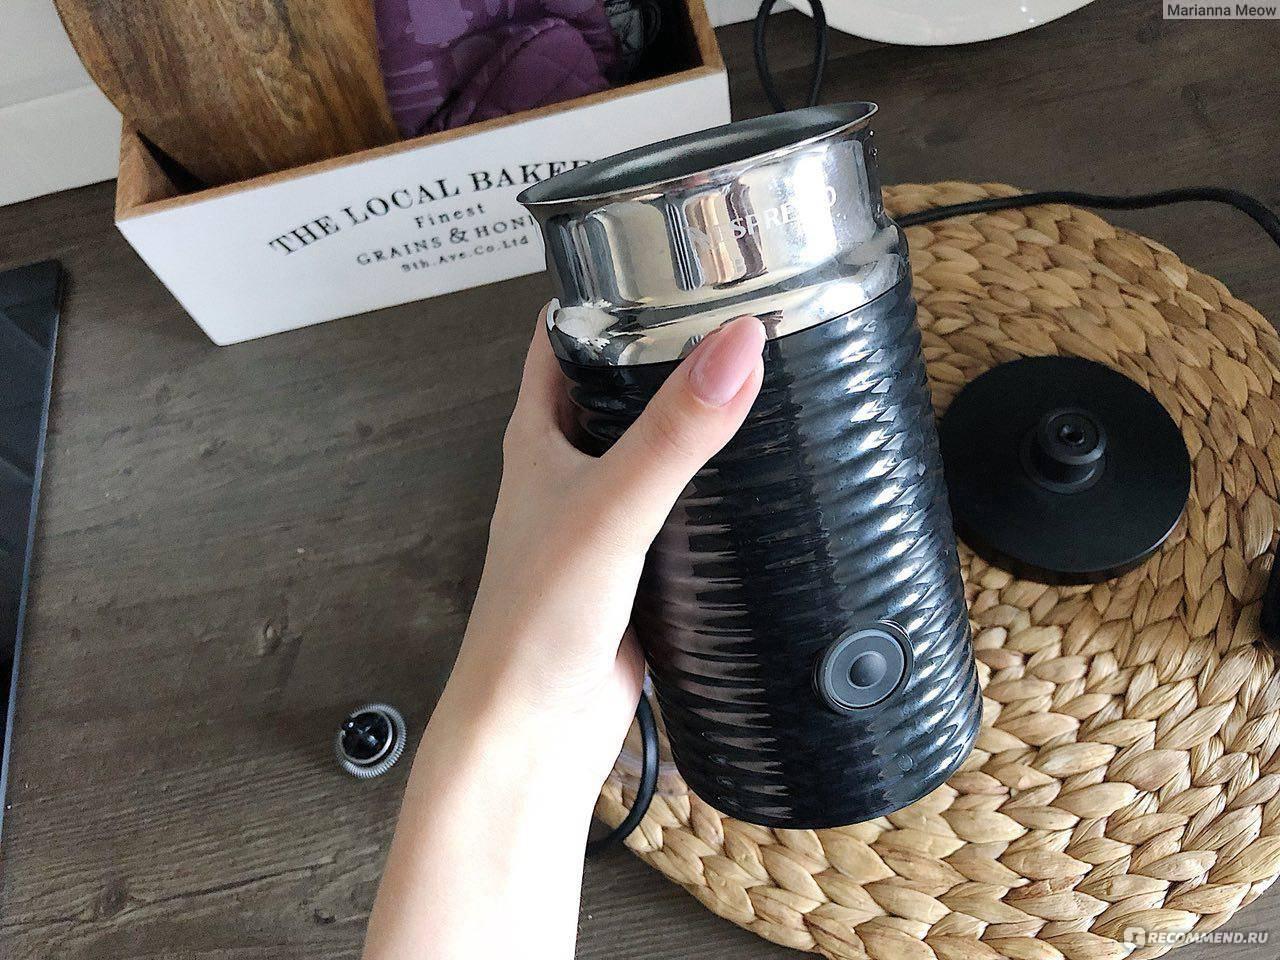 Скачать инструкциюnespresso de longhi lattissima pro en750 mb